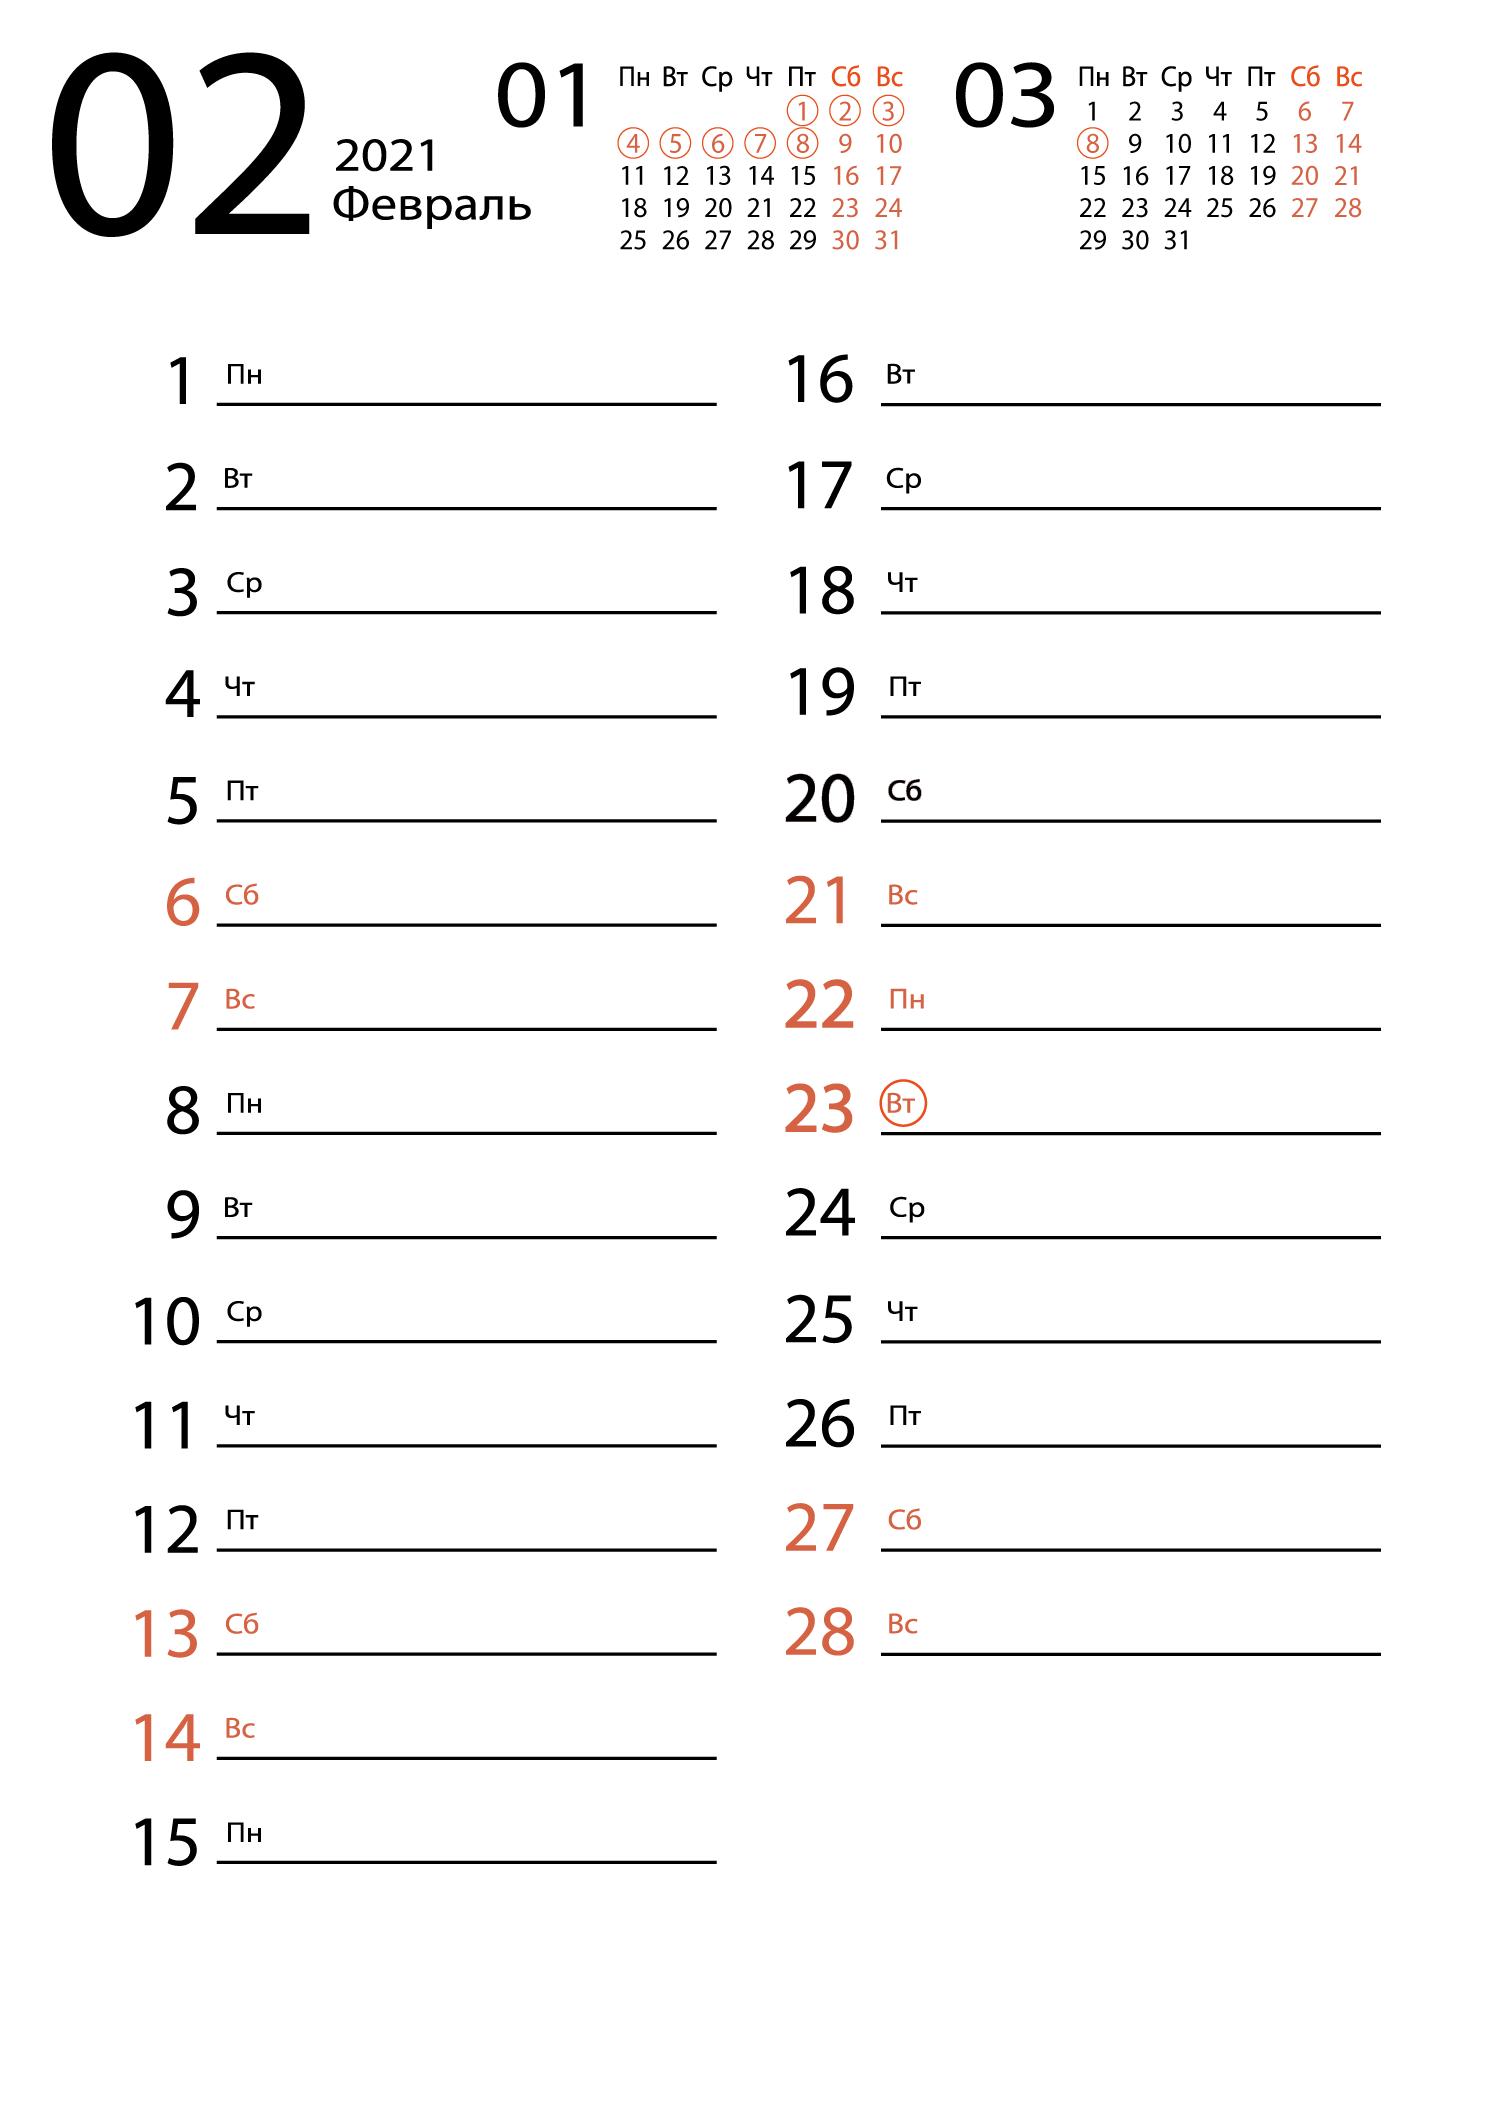 Печать календаря на февраль 2021 для заметок